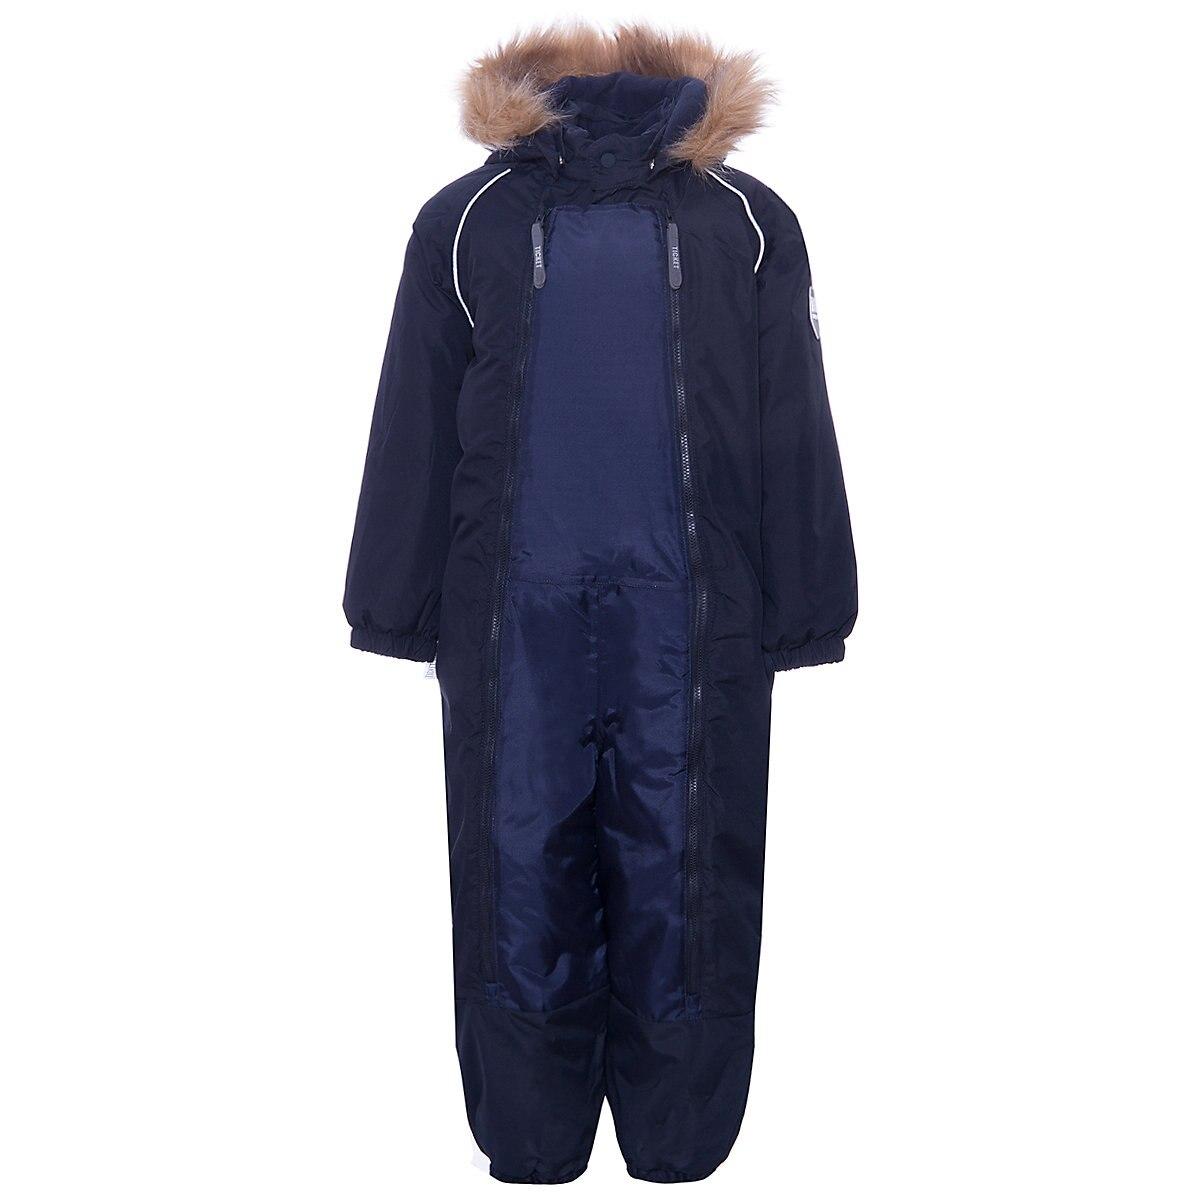 Salopette billet pour le paradis pour les filles 8954330 barboteuses bébé combinaison enfants vêtements enfants